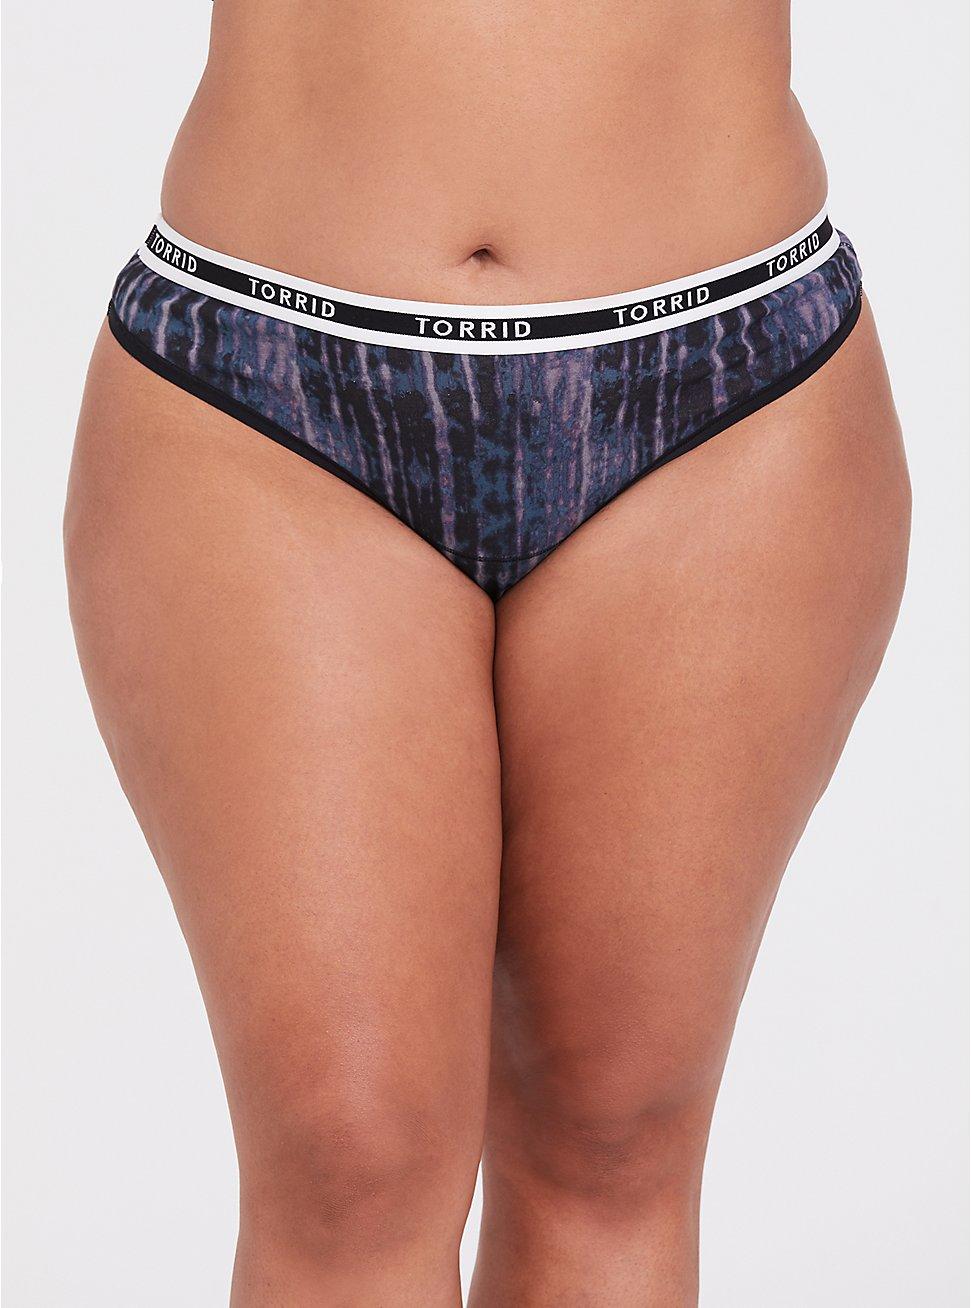 Torrid Logo Tie-Dye Cotton Thong Panty, TIE DYE-BLACK, hi-res